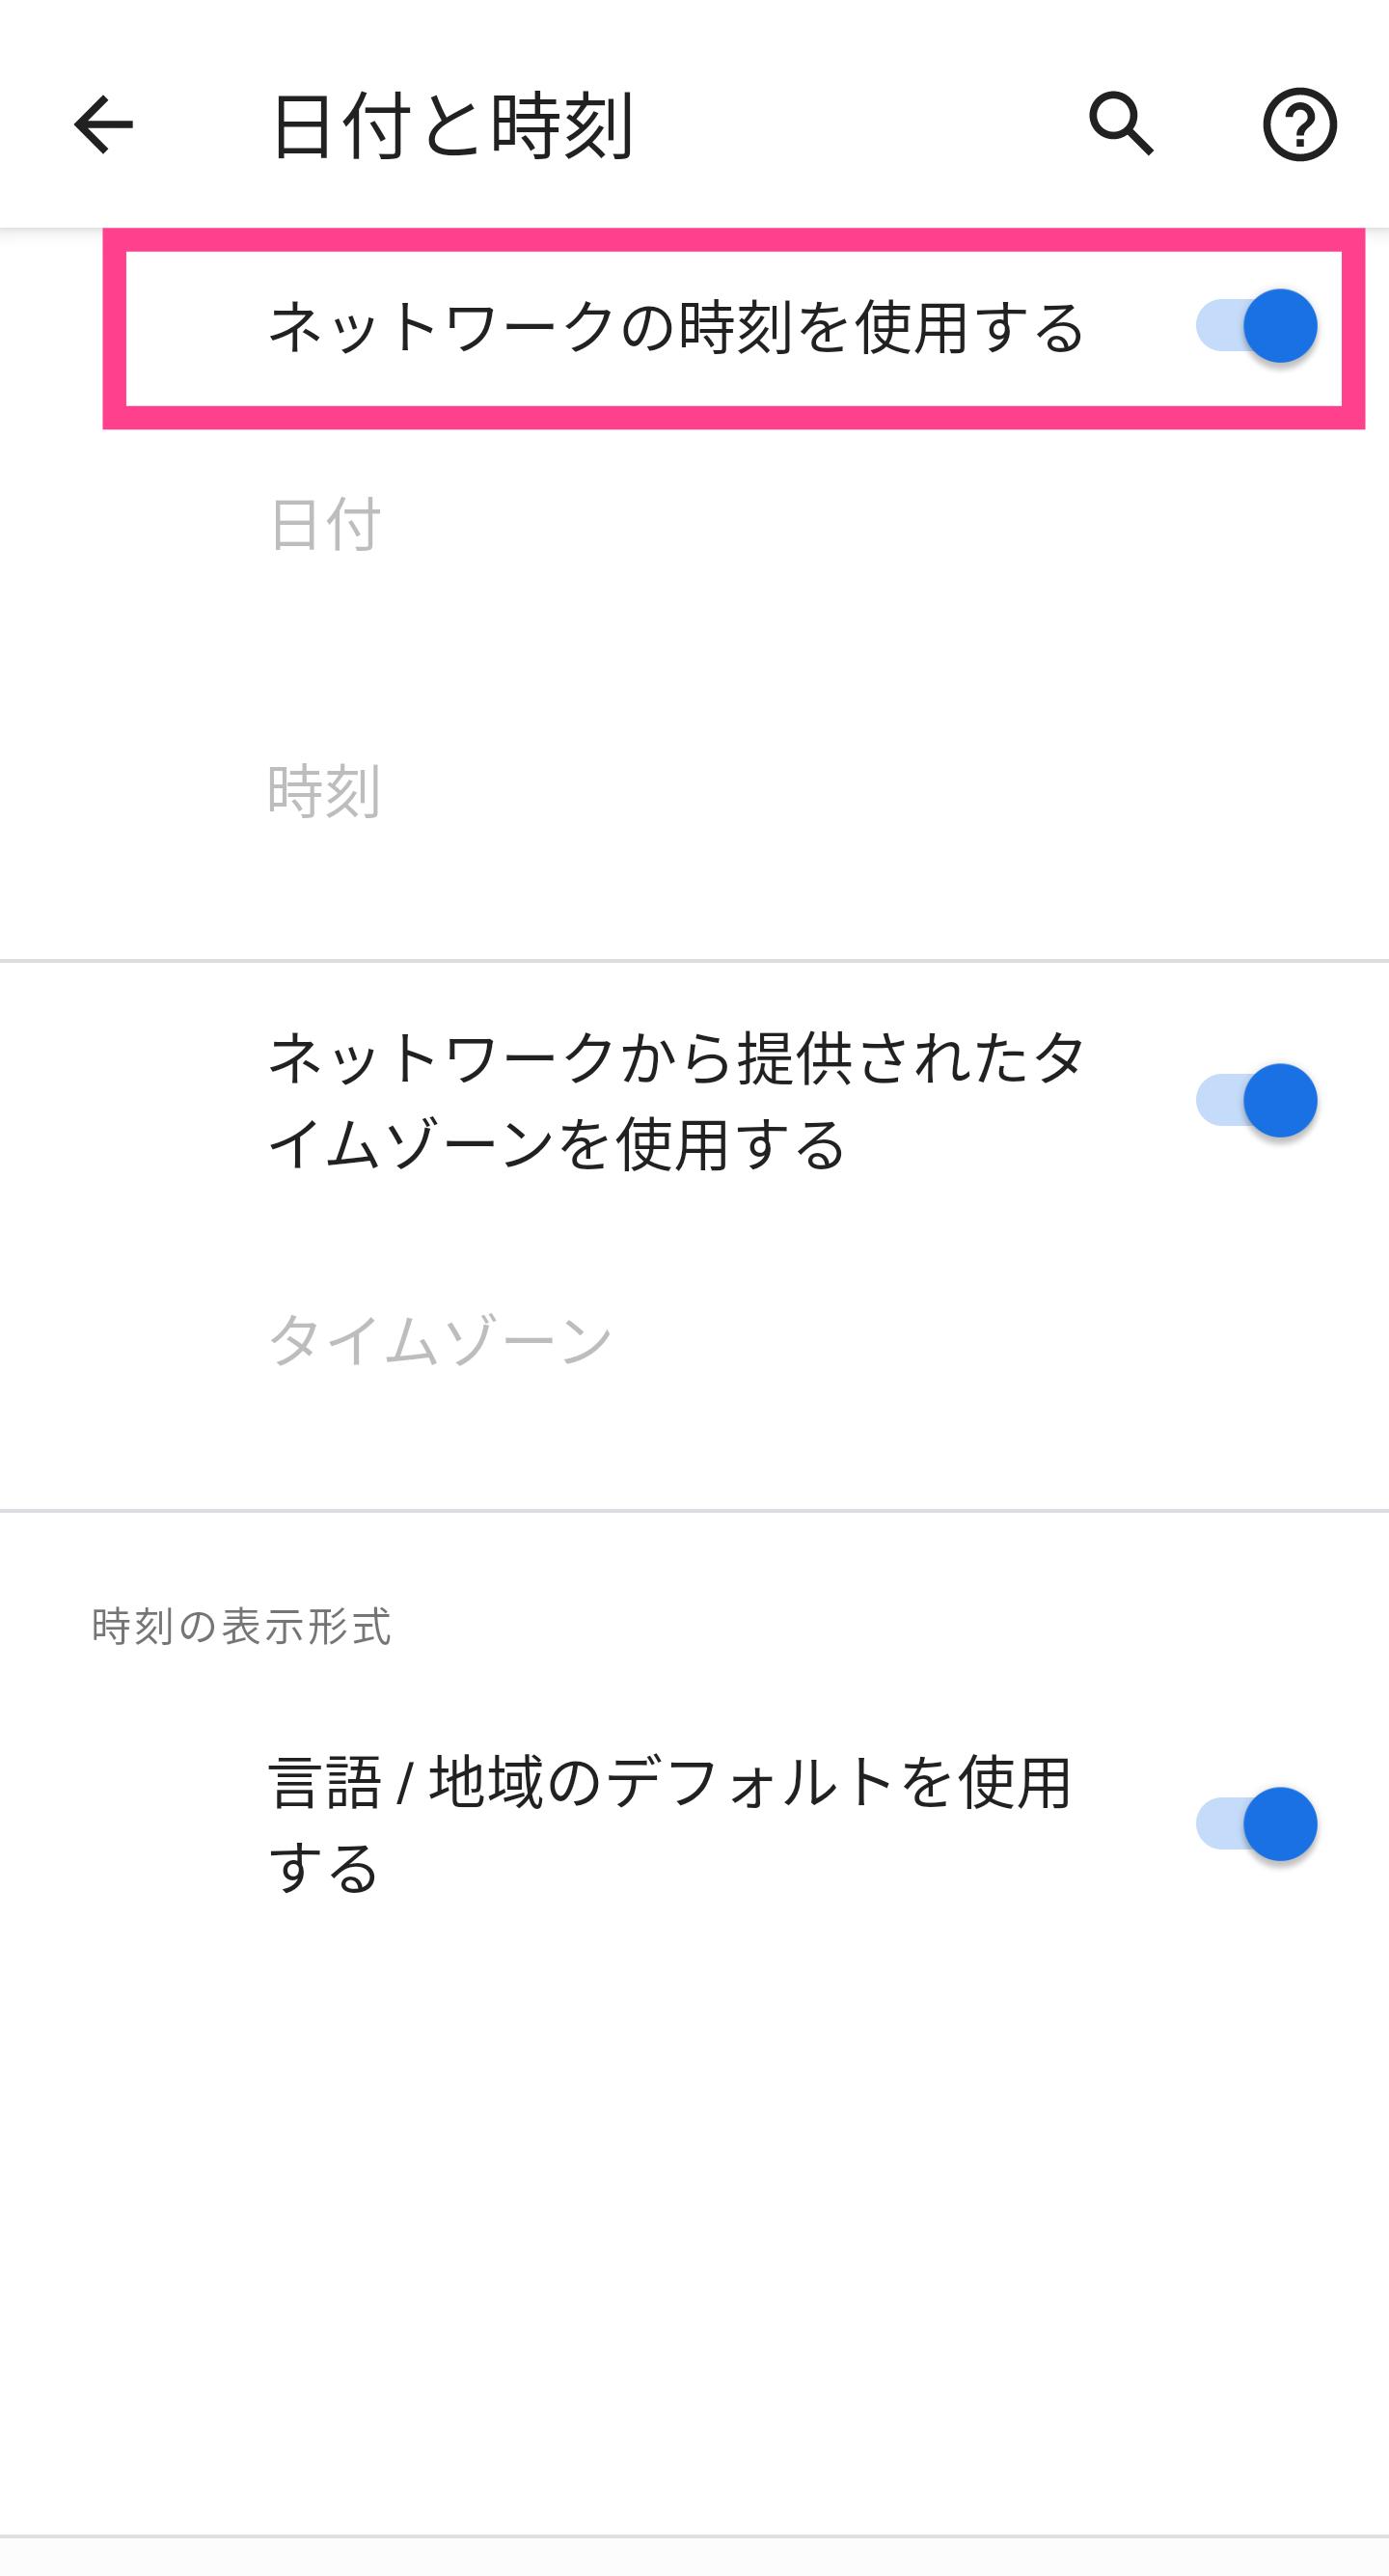 Androidネットワークの時刻